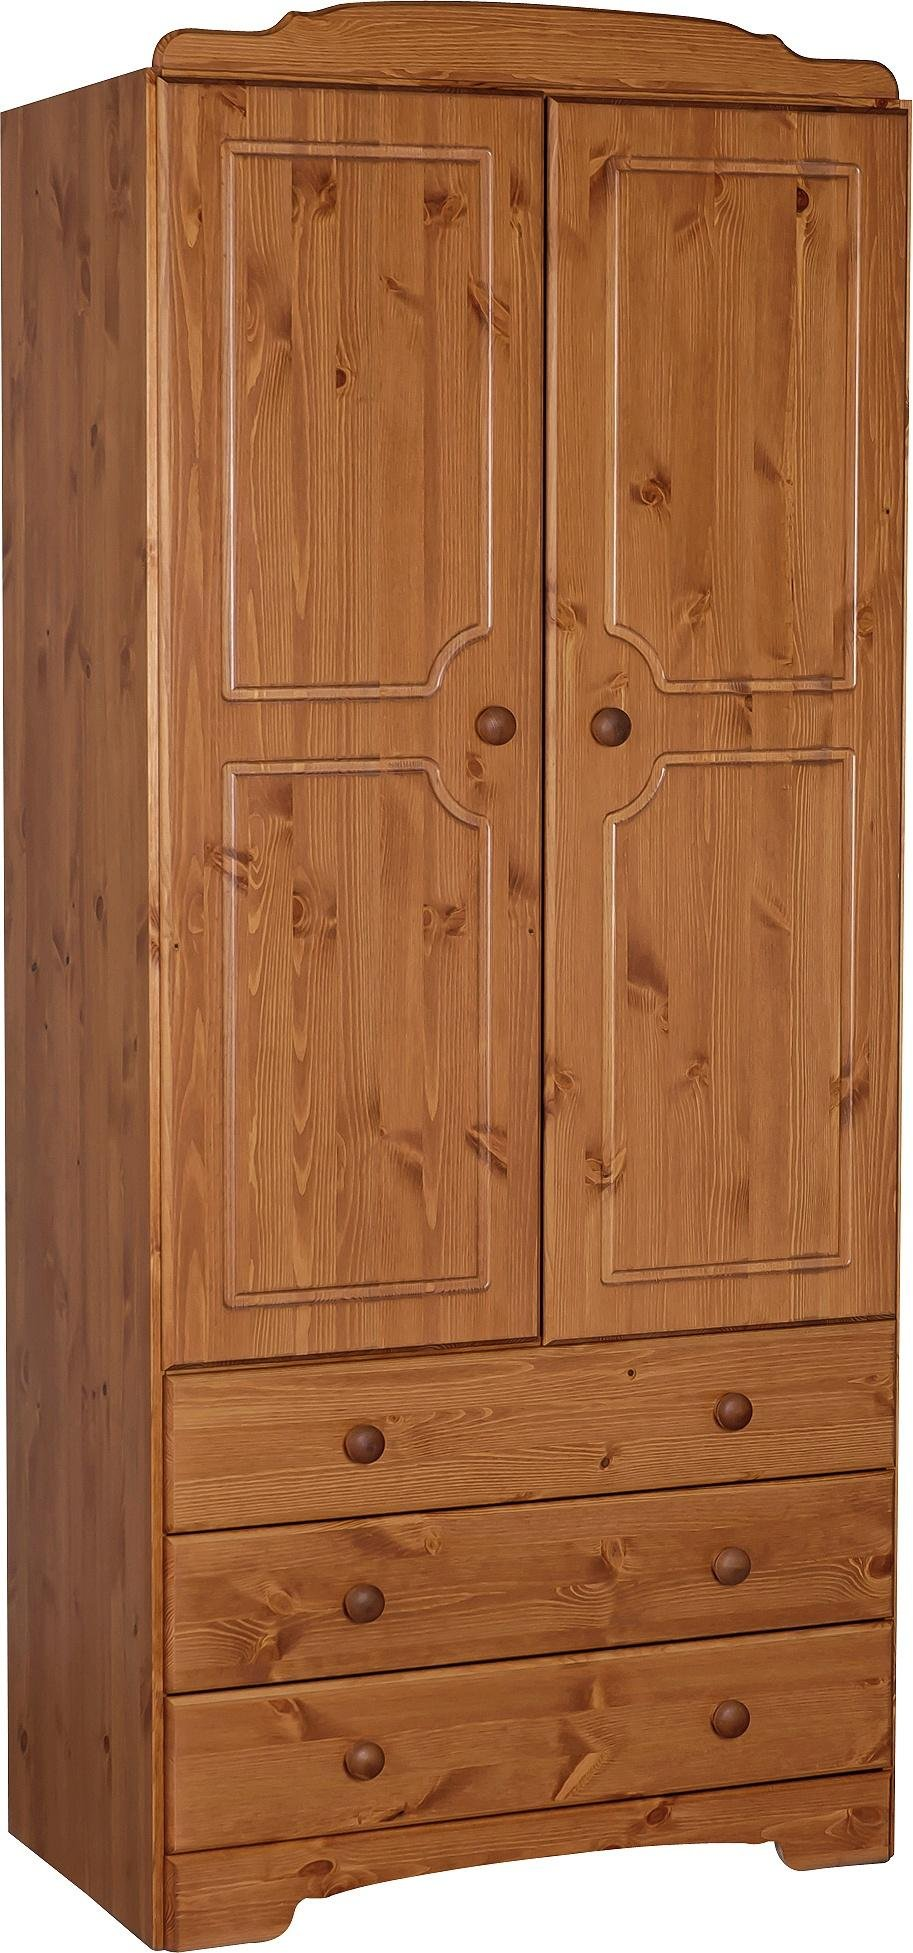 Buy Argos Home Nordic 2 Door 3 Drawer Wardrobe - Pine